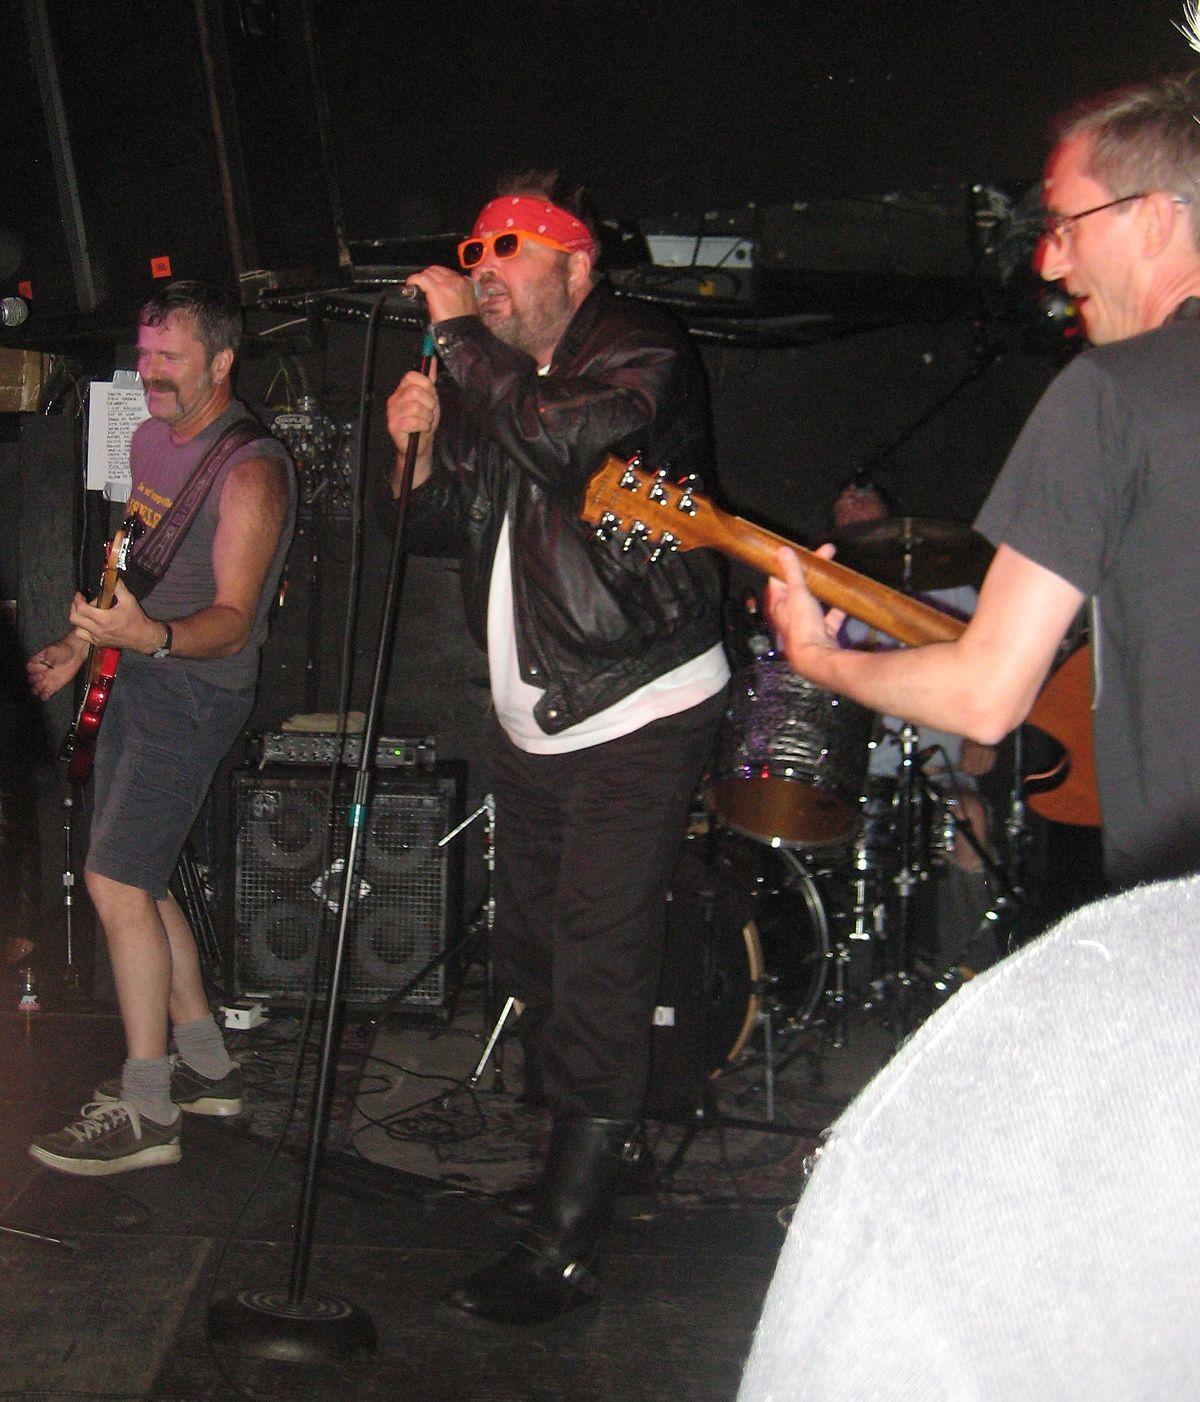 Subhumans (Canadian band) - Wikipedia